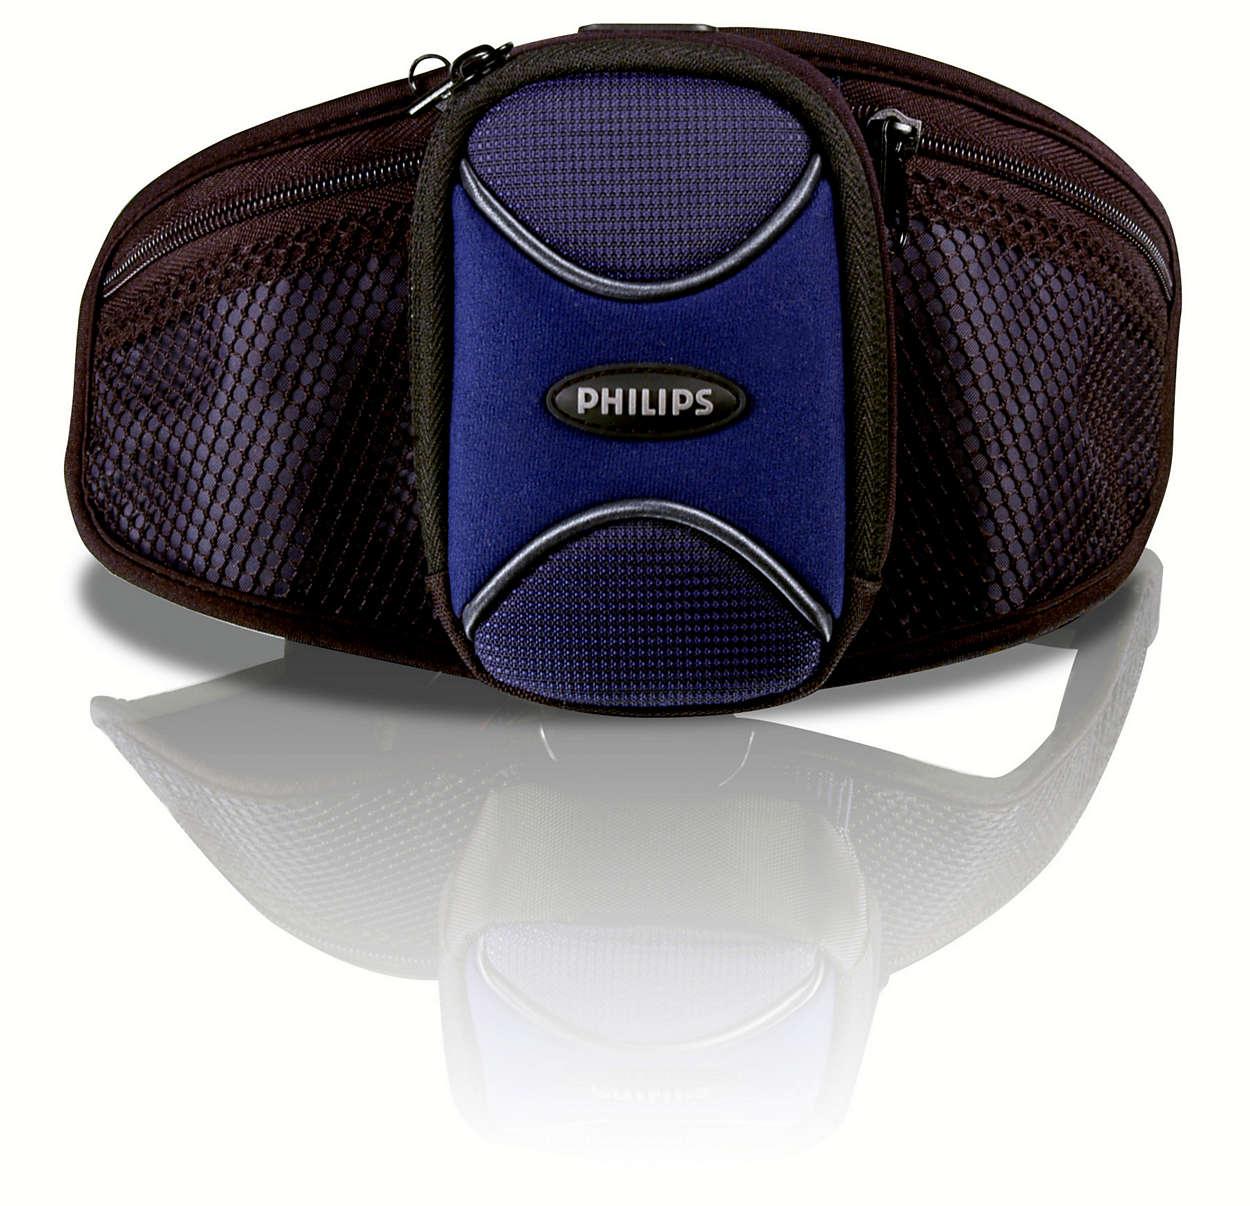 Beskyt din MP3-afspiller